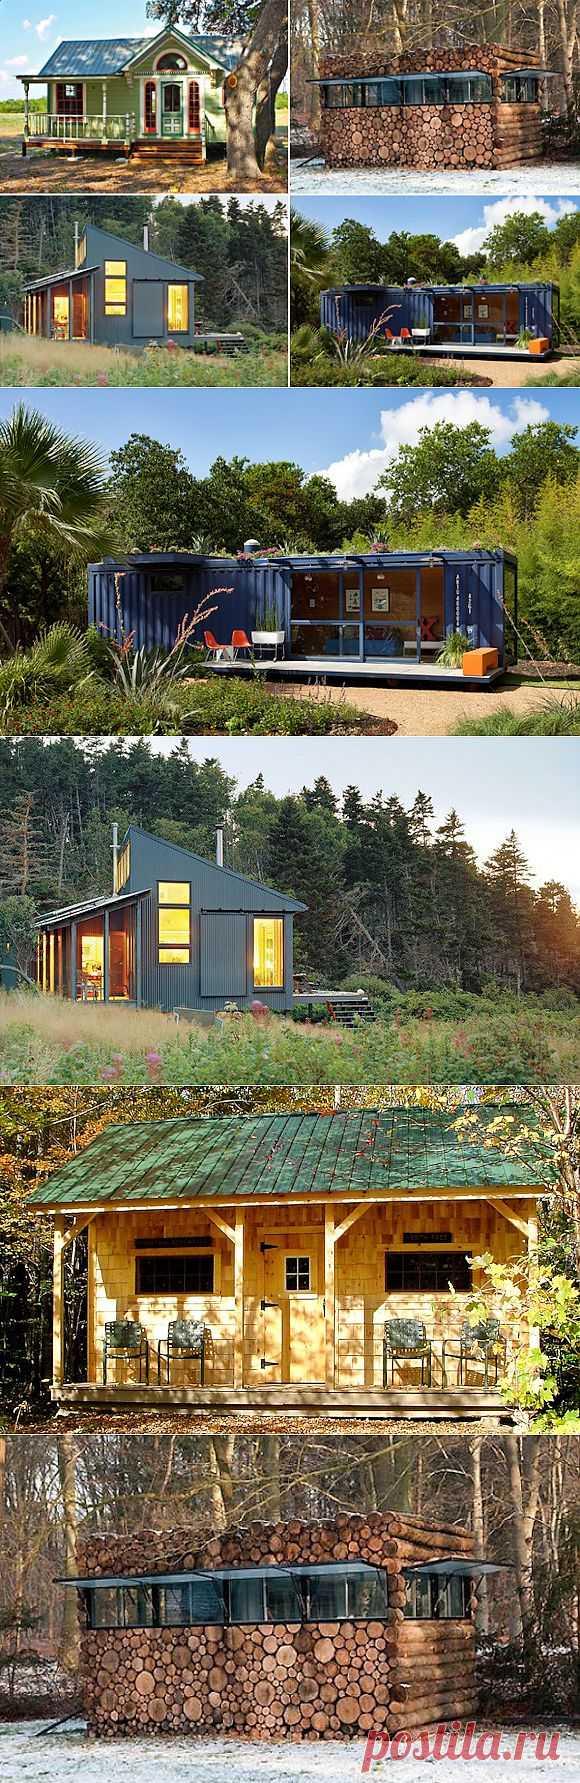 11 оригинальных дачных домиков со всего мира | Наш уютный дом